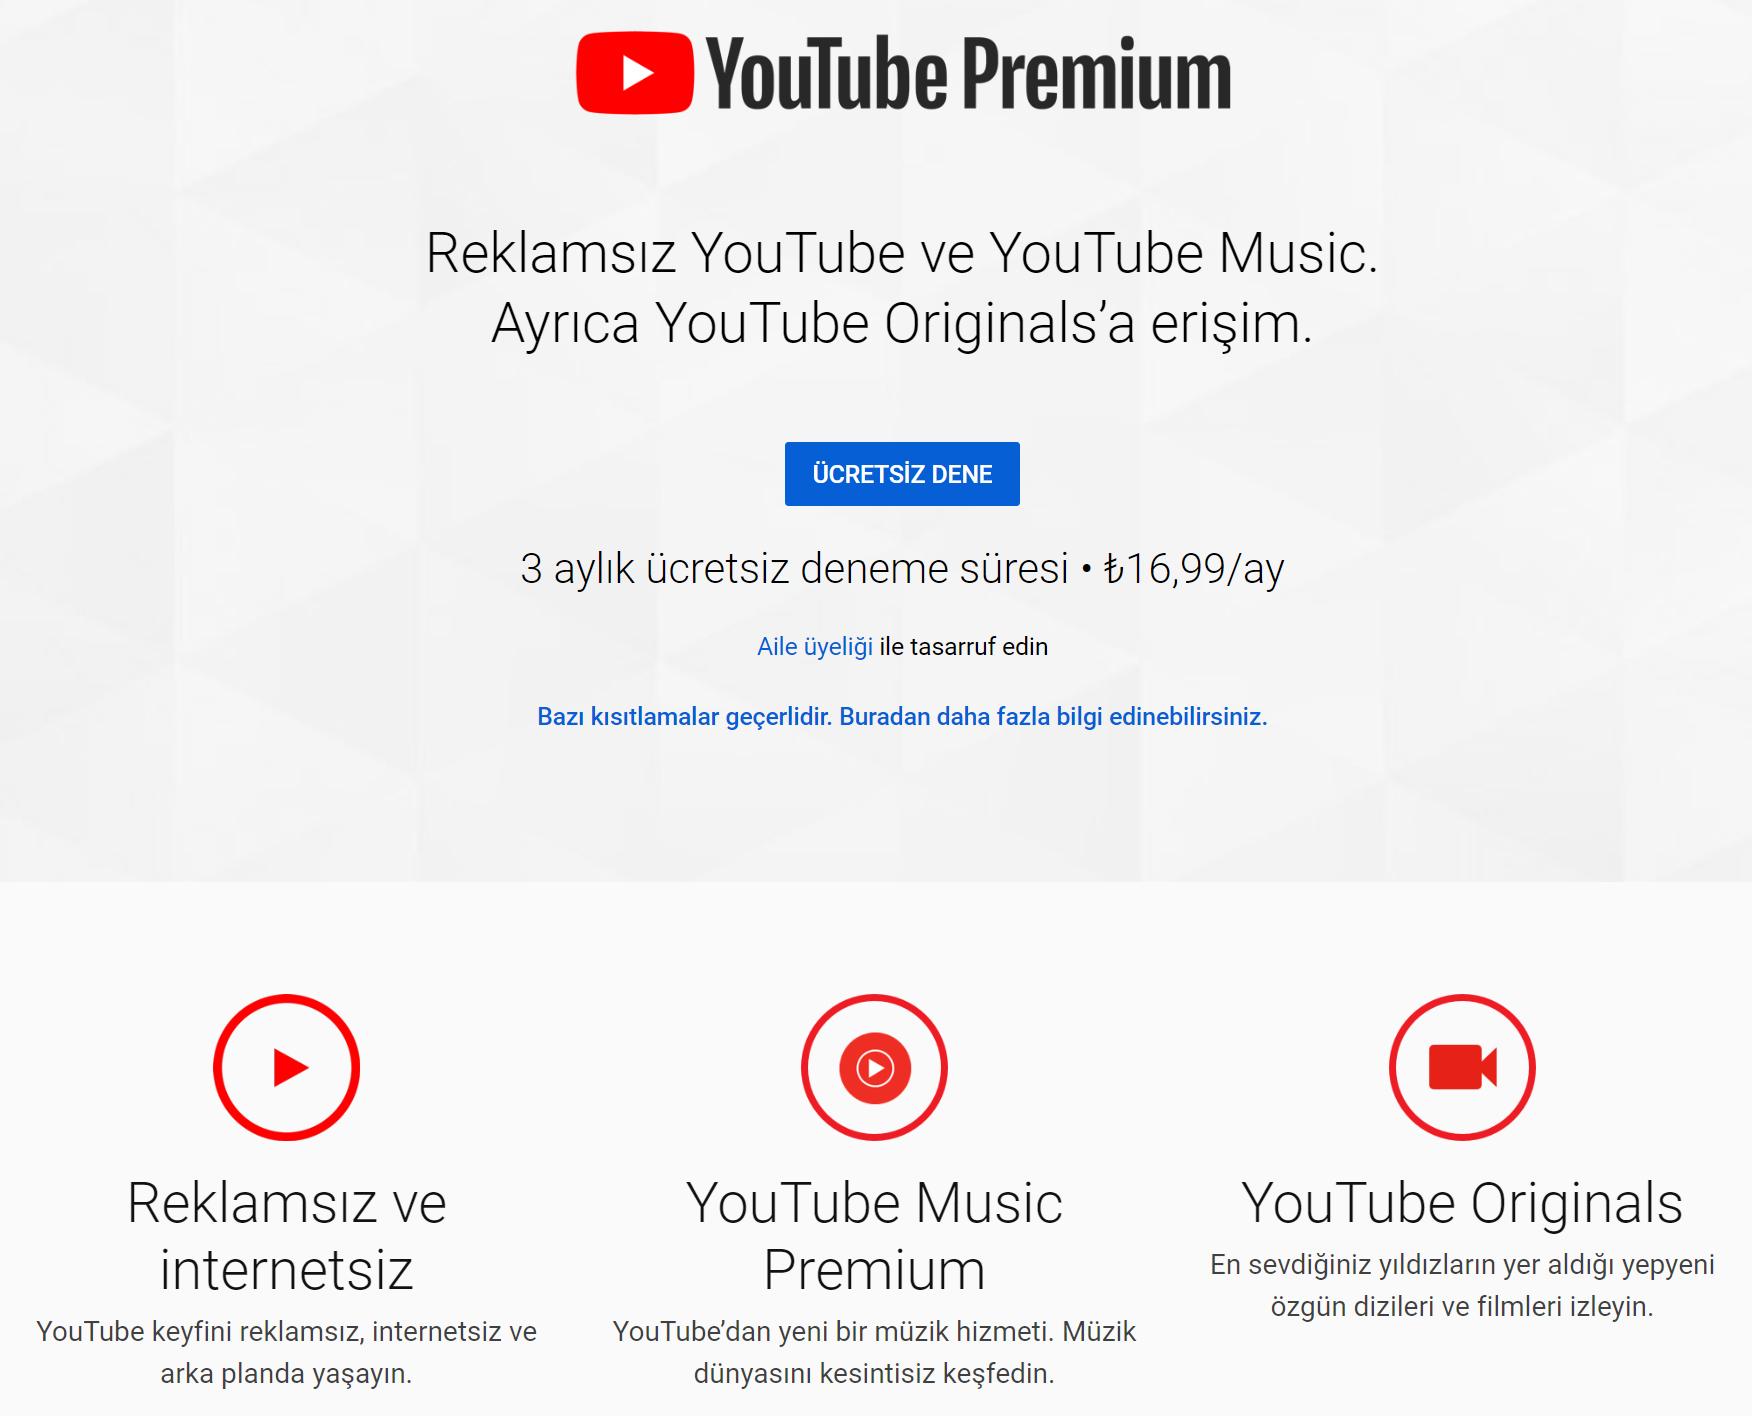 YouTube Premium fiyatı